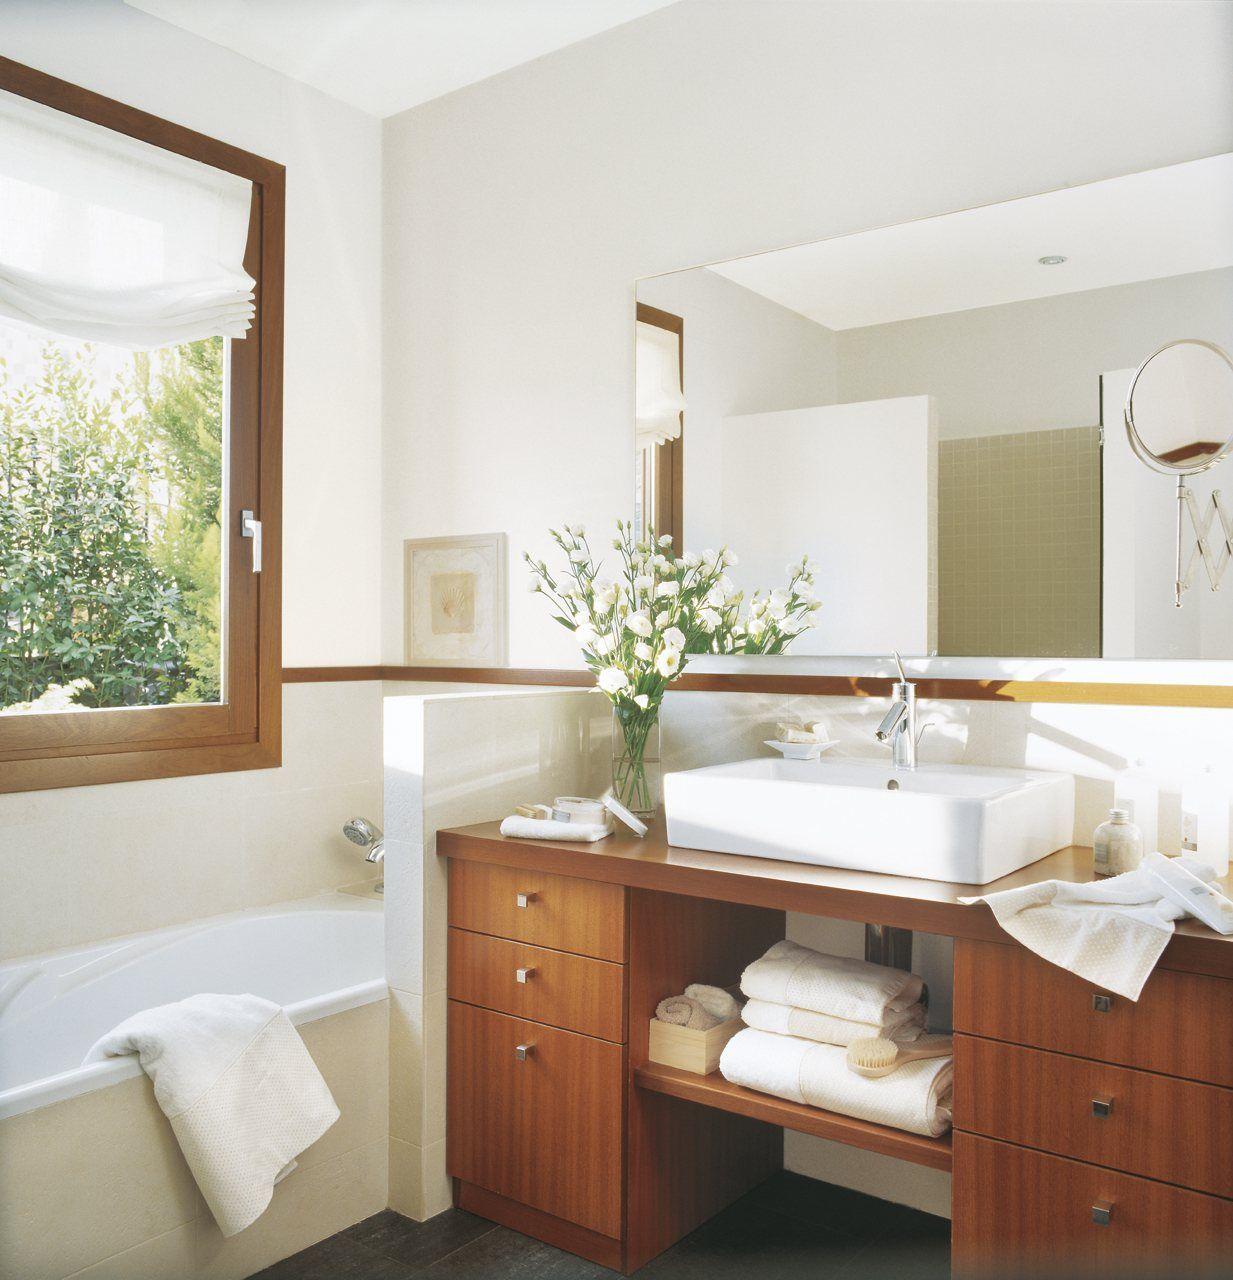 Como tener un baño nuevo sin hacer obras | Cocinas y baños ...